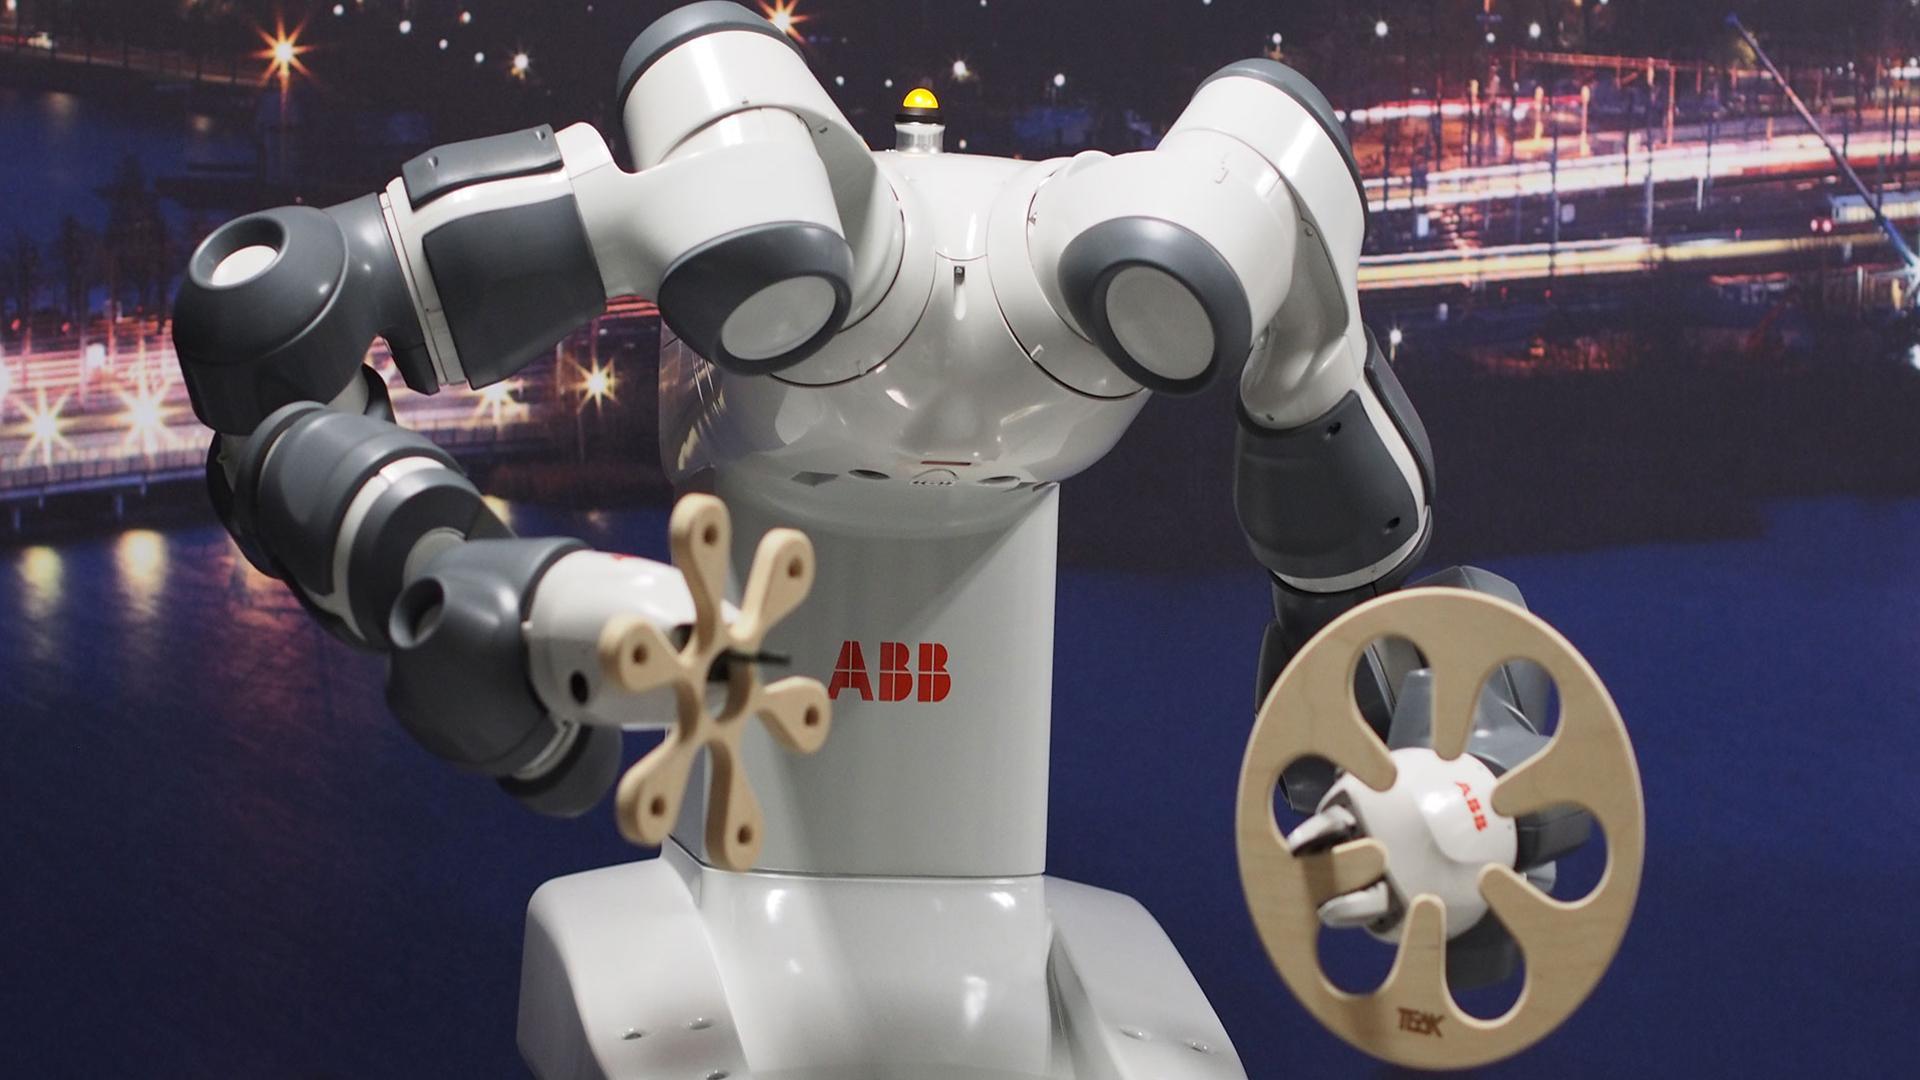 Robotiikka ja 3D-mallintamisen koulutus, Suomen Yrittäjäopisto. Kuvassa ABB:n robotti.